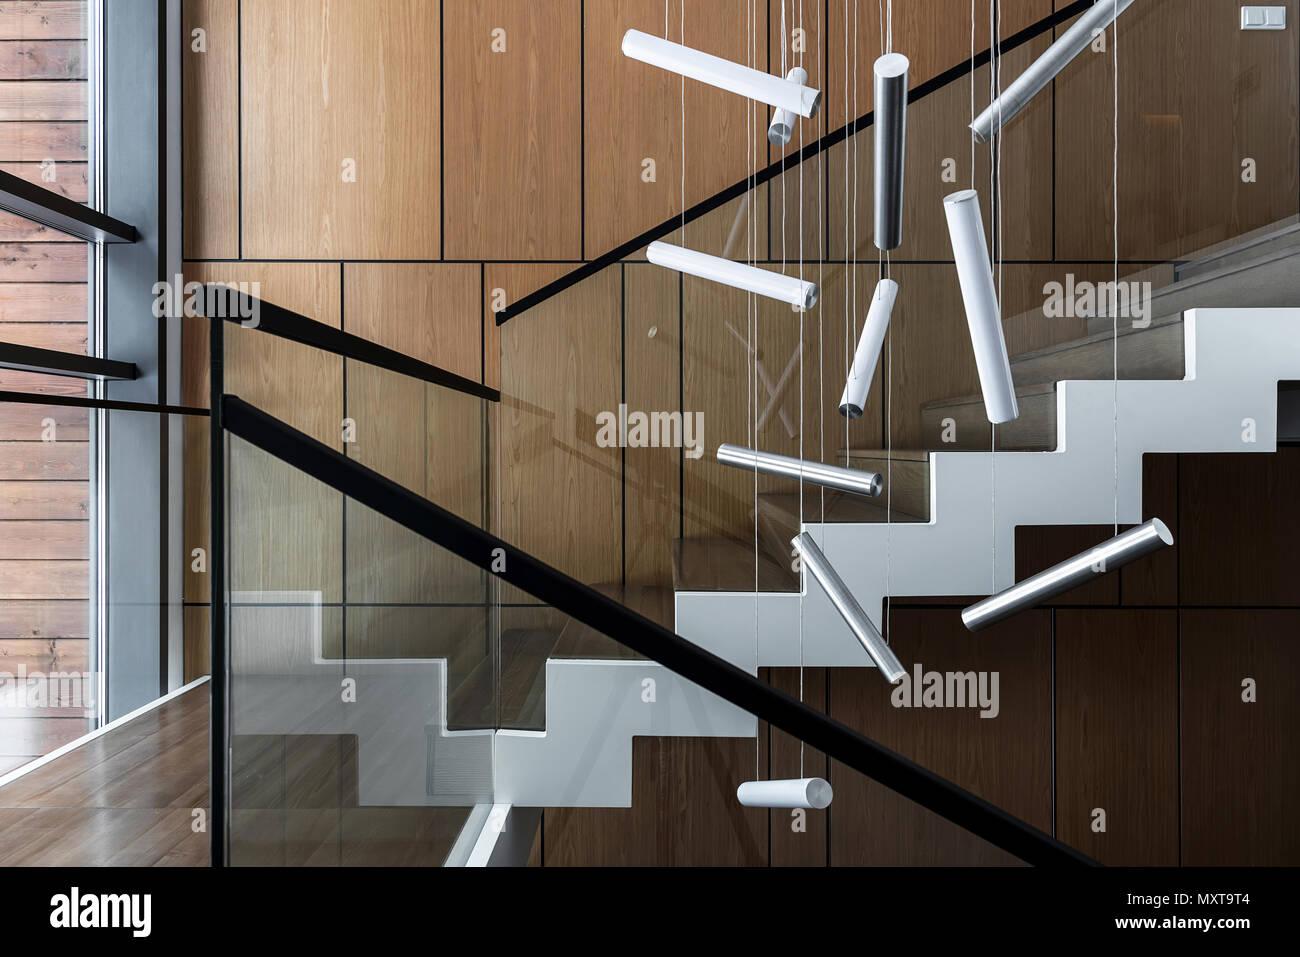 Einrichtung In Einem Modernen Stil Mit Holzwanden Und Eine Treppe